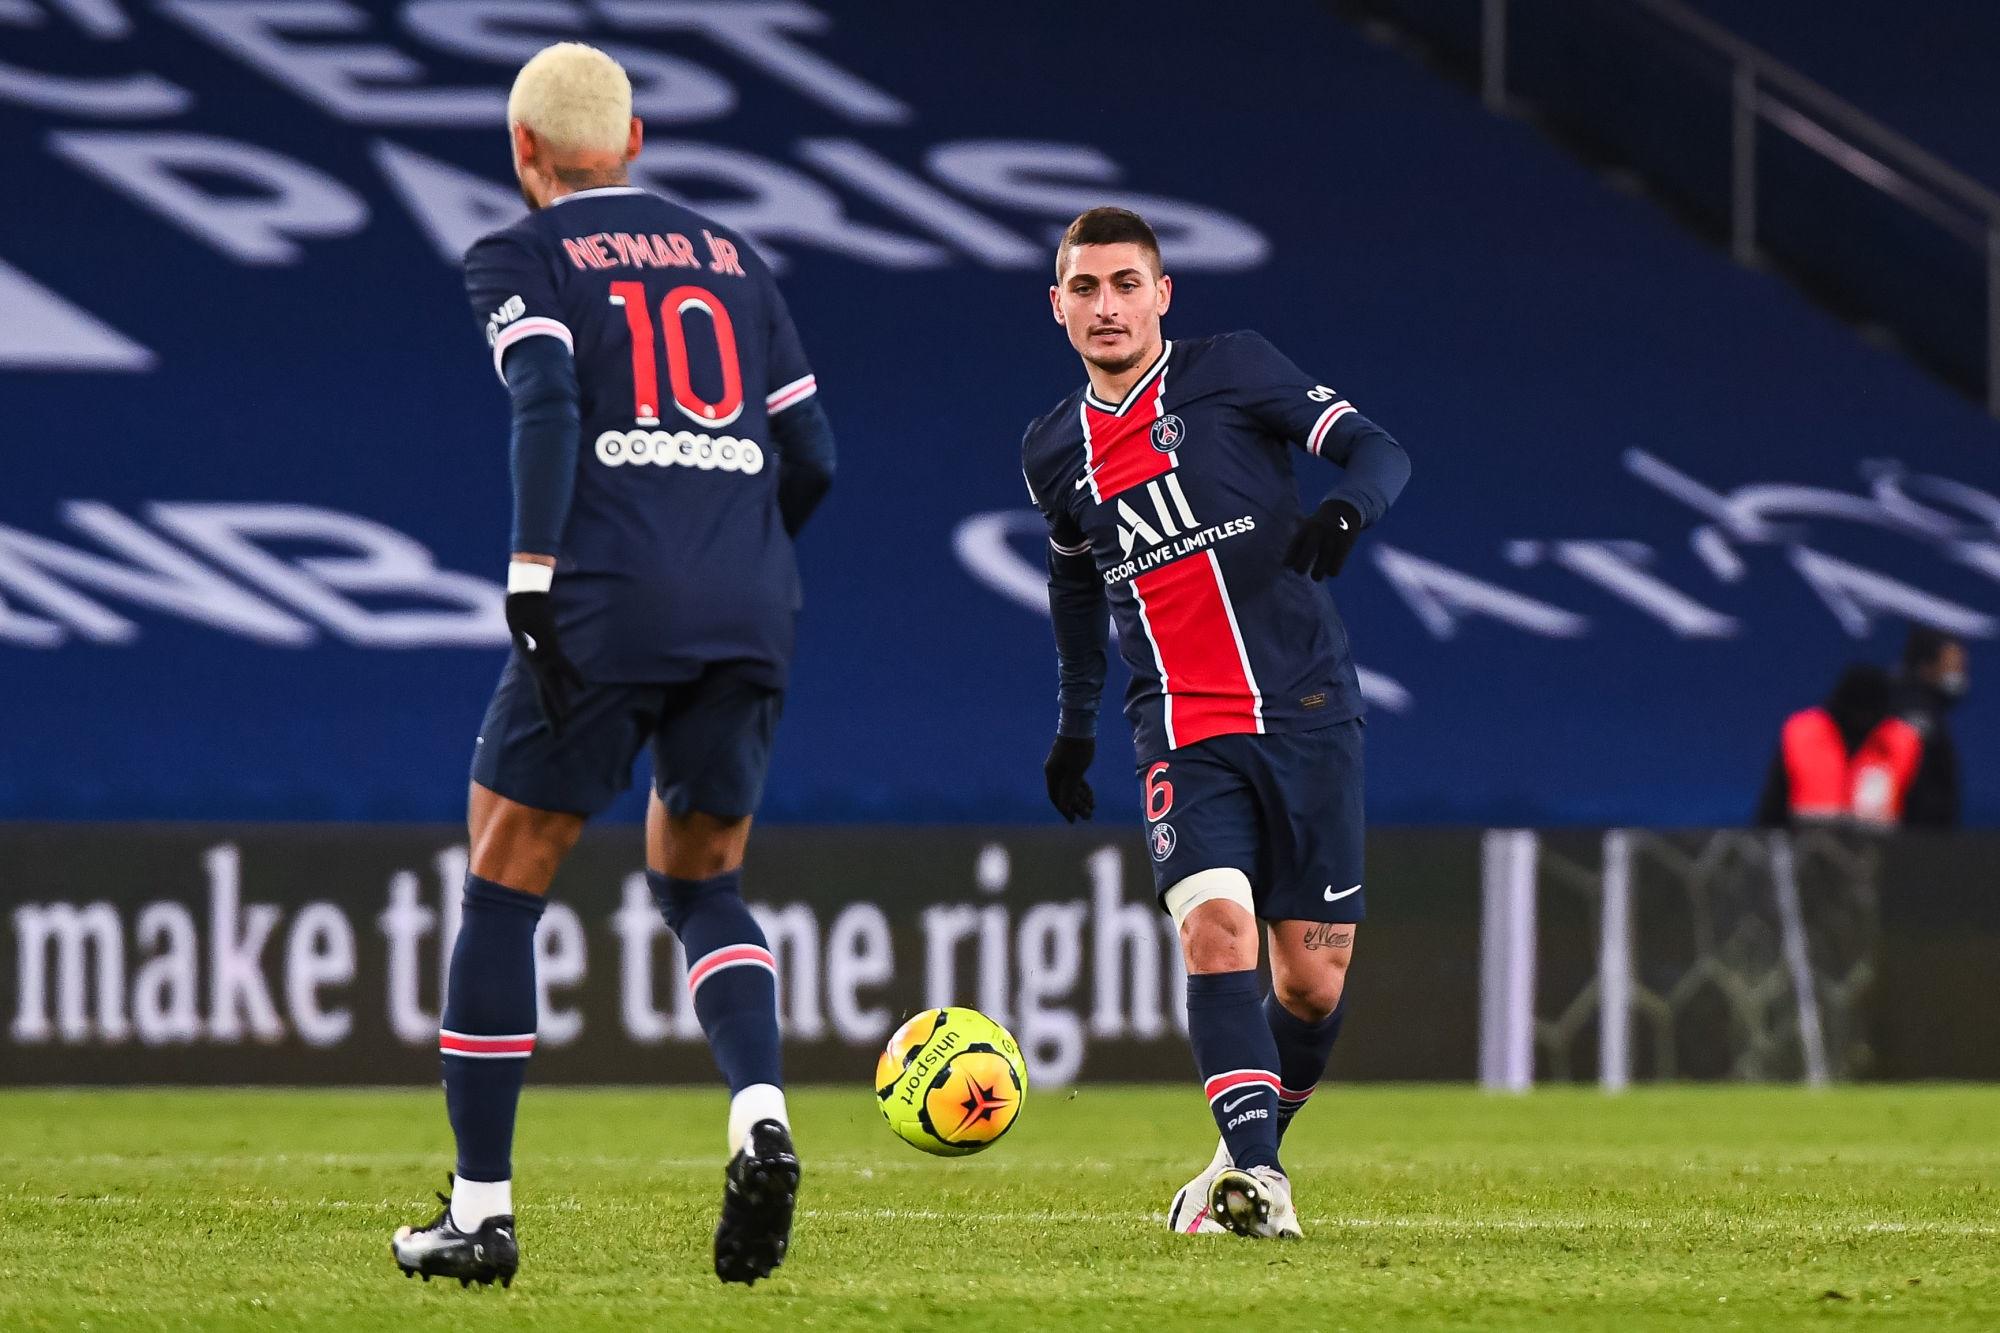 PSG/Bordeaux - Verratti élu meilleur joueur parisien par les supporters